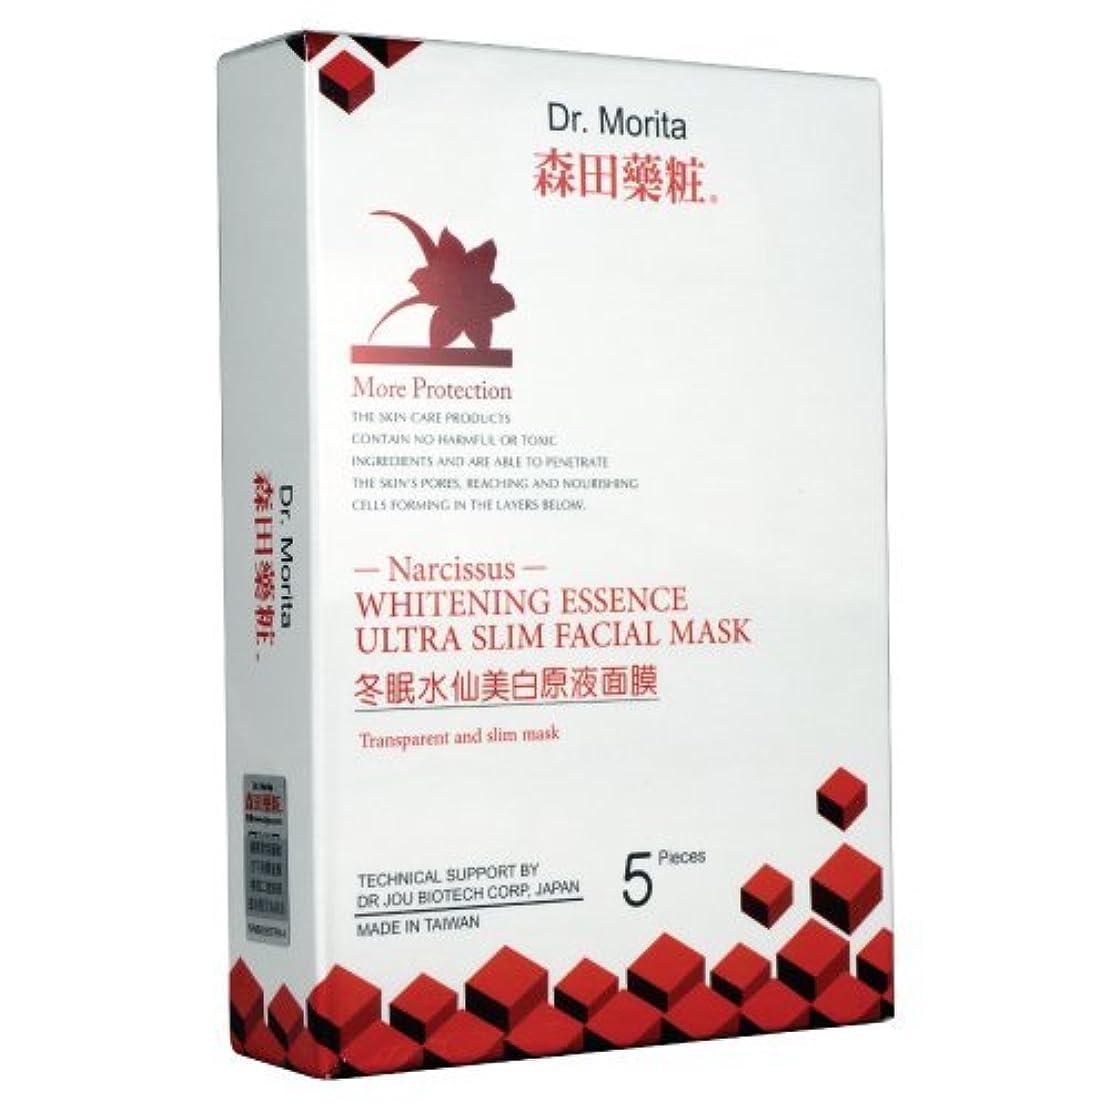 エール三鈍いDoctor Morita ナルシス白いマスク-5薄い皮膚の傷に、皮膚若々しく、健康な状態を保つ美白含まれています